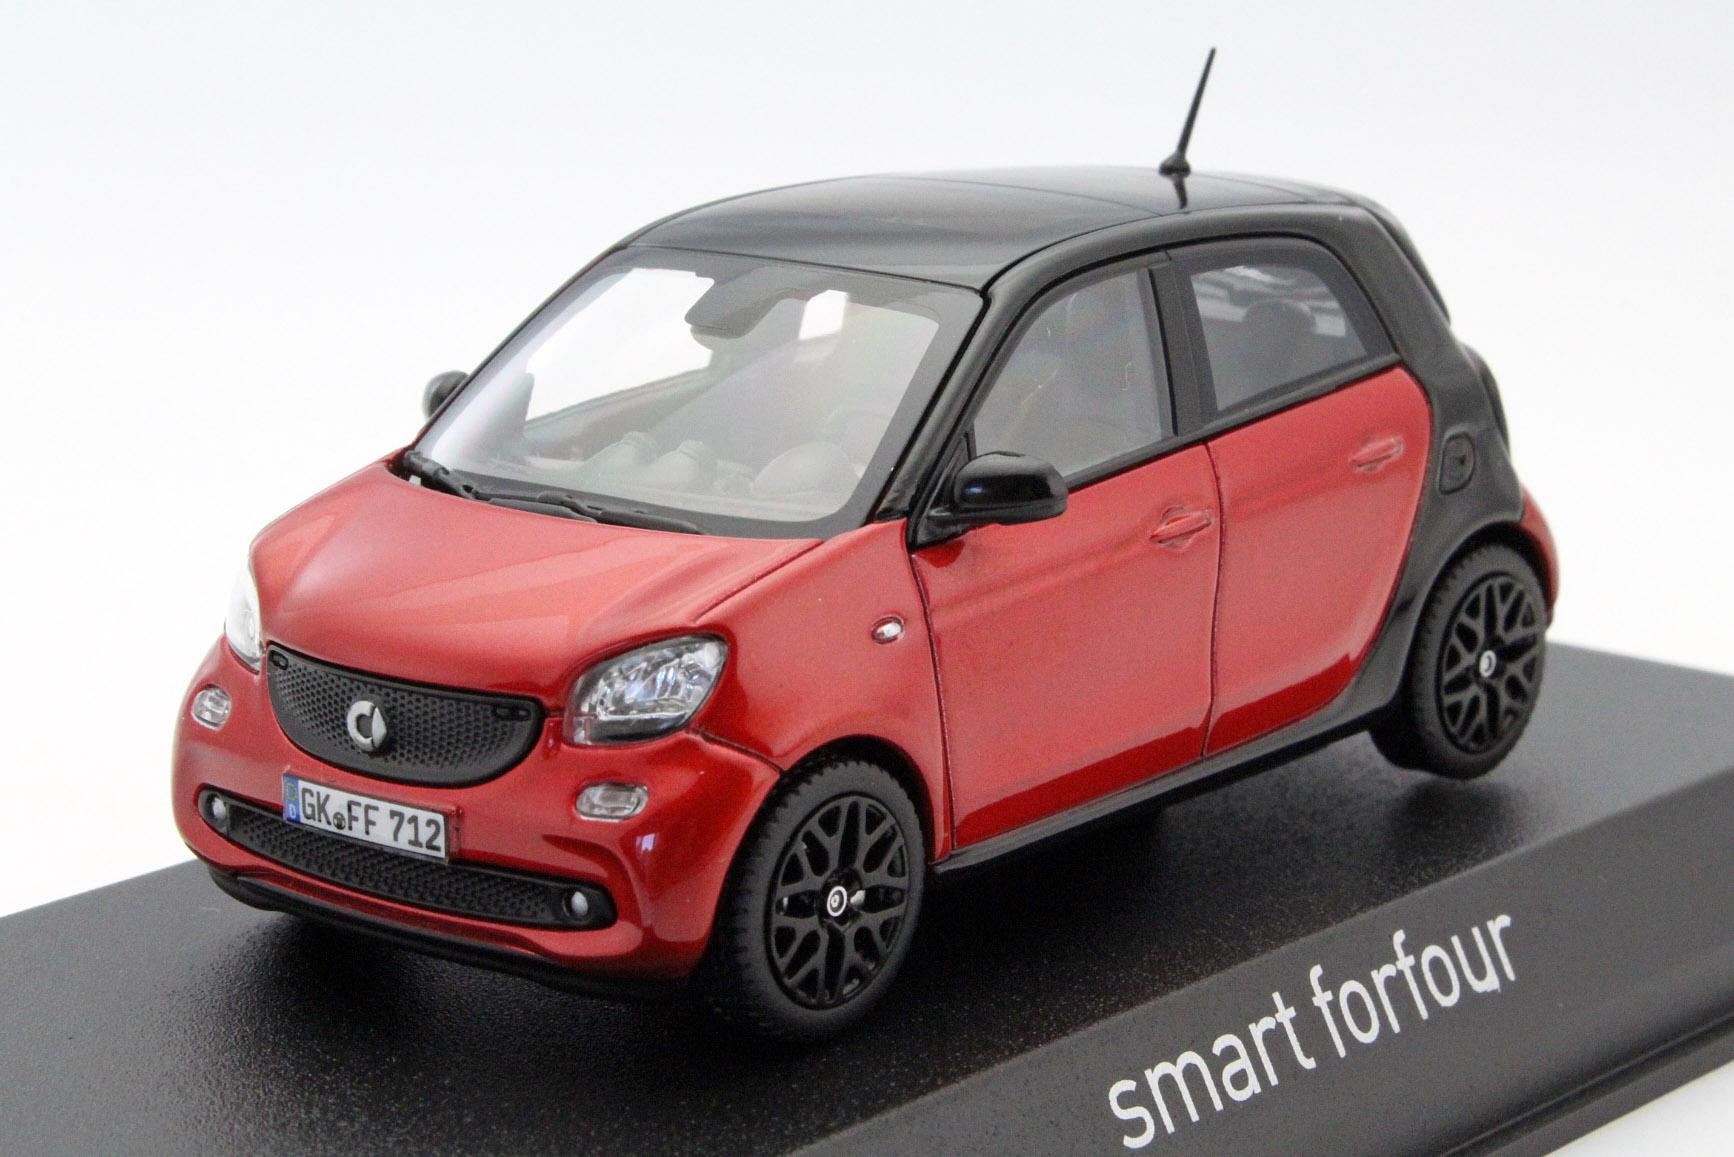 SMART FORFOUR 2015 Red/Black - Die-cast model - Norev 351425